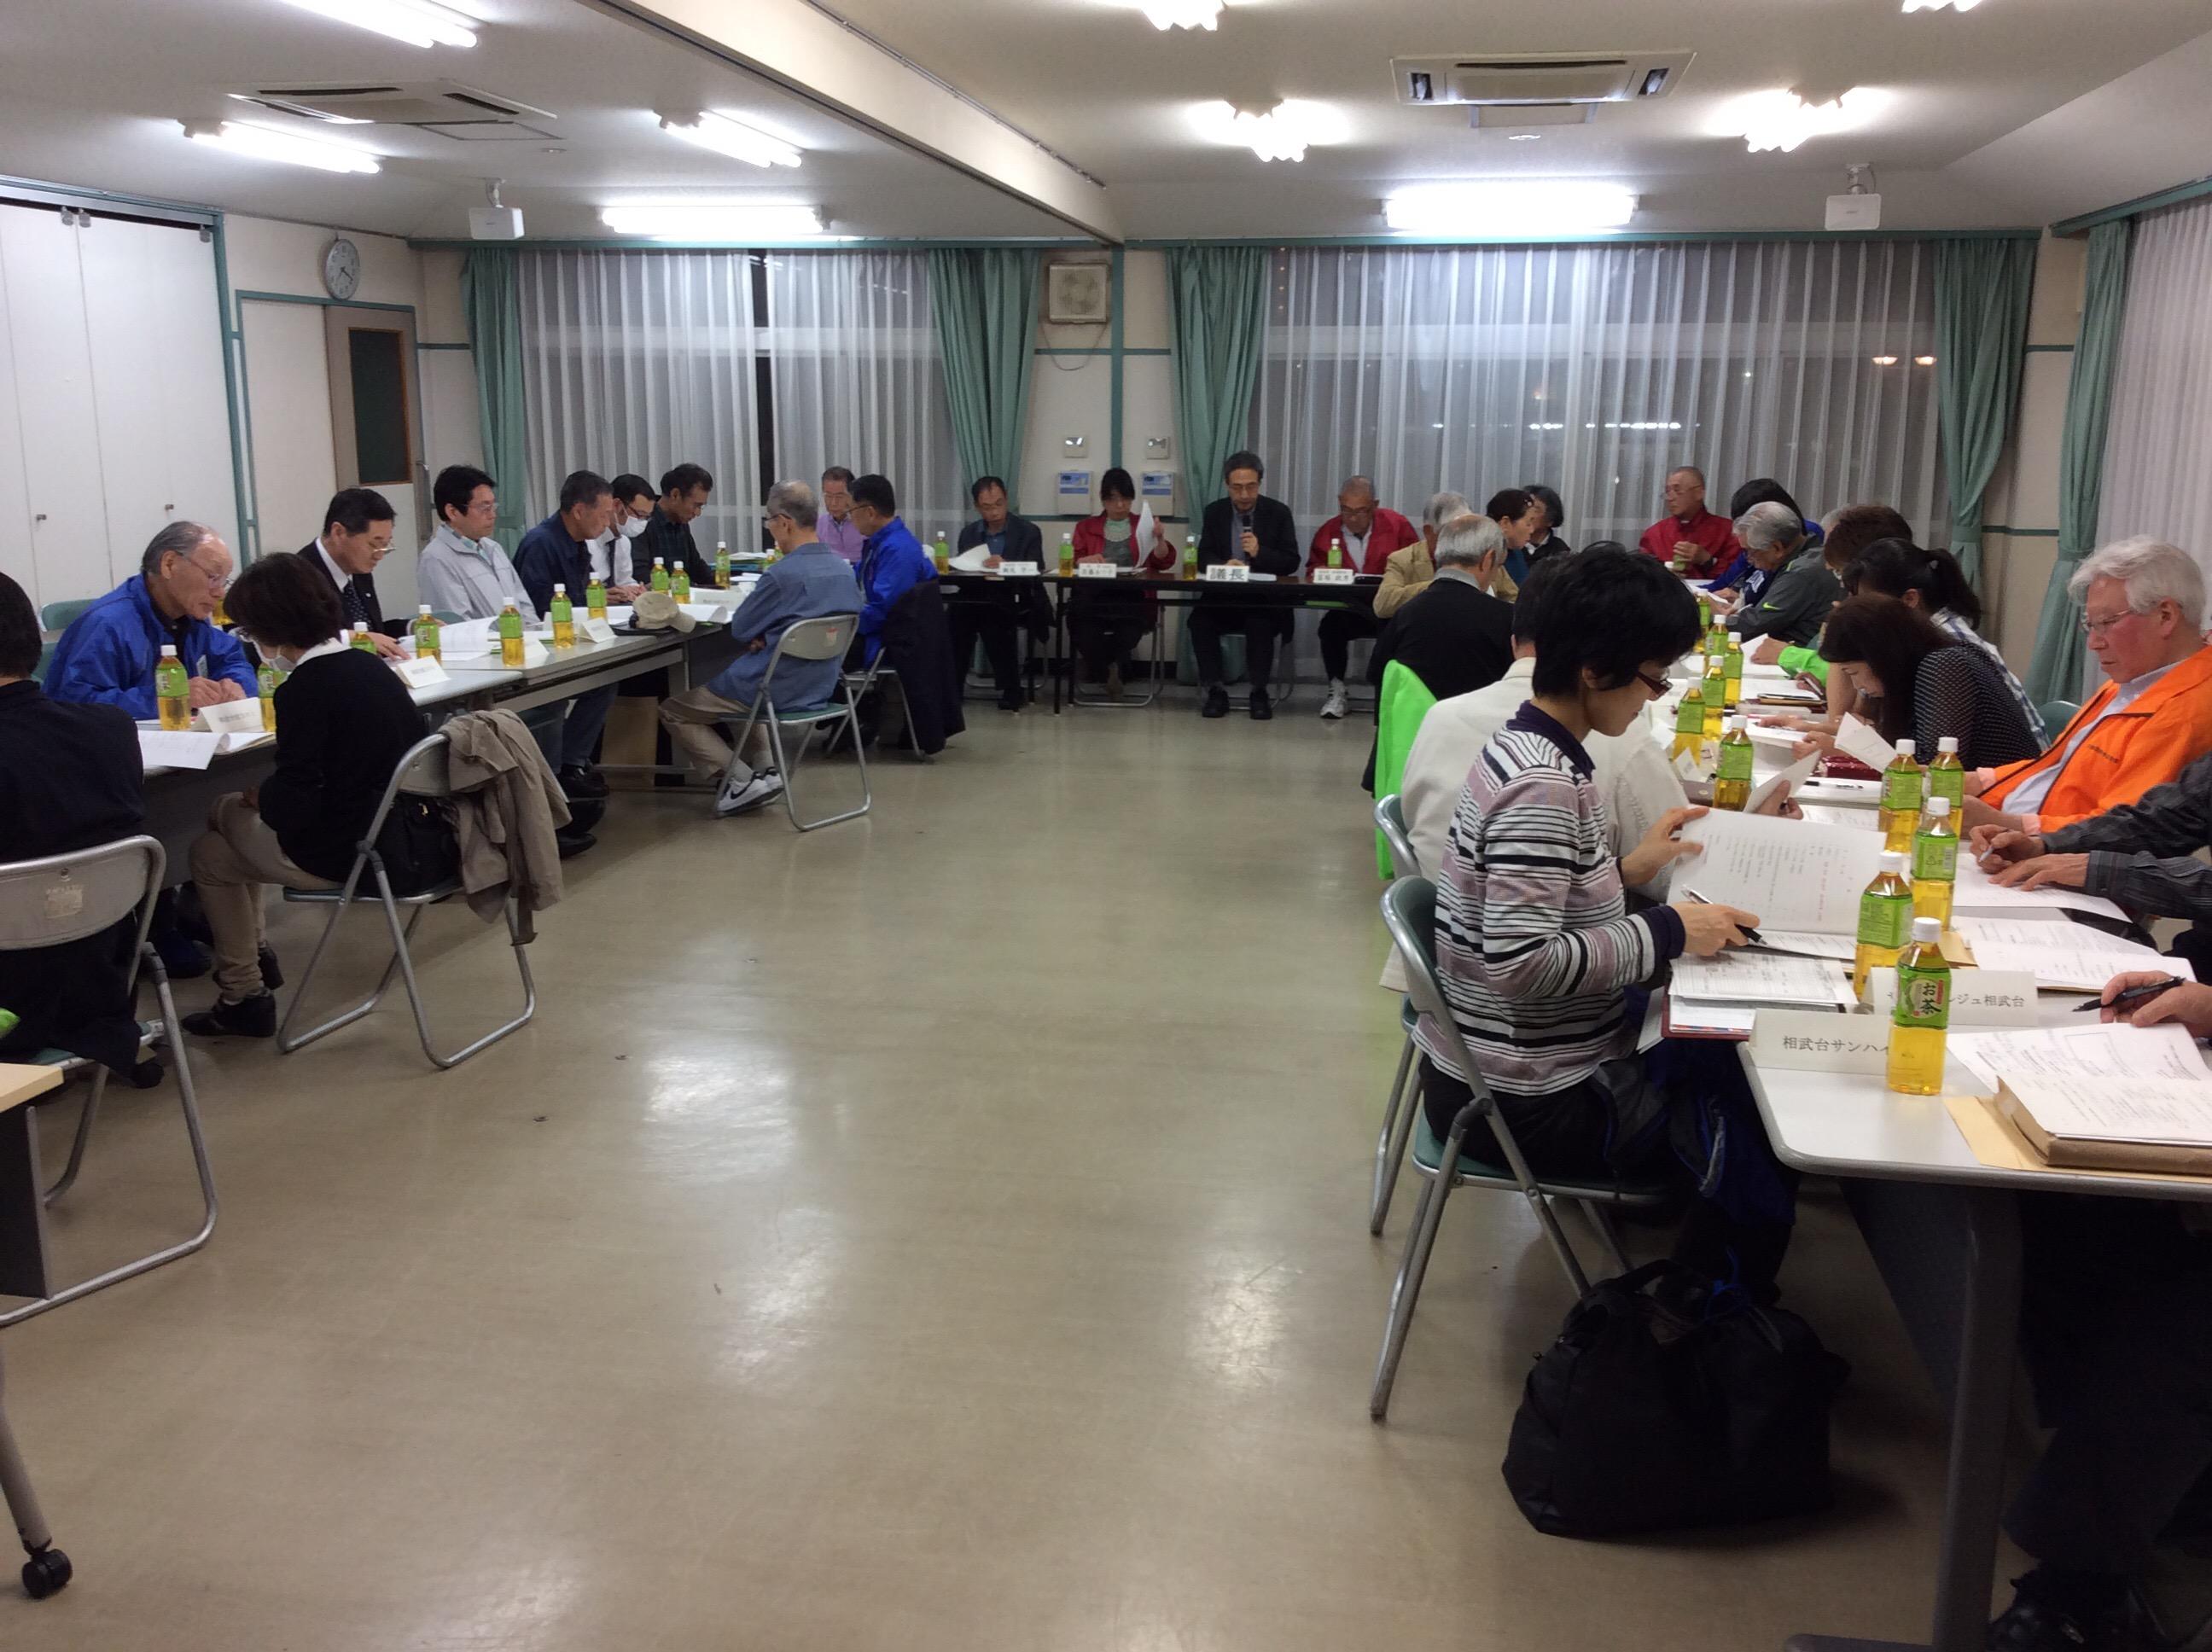 3-1の押野会長を議長に選出し相武台地区連合自治会の総会が始まりました。